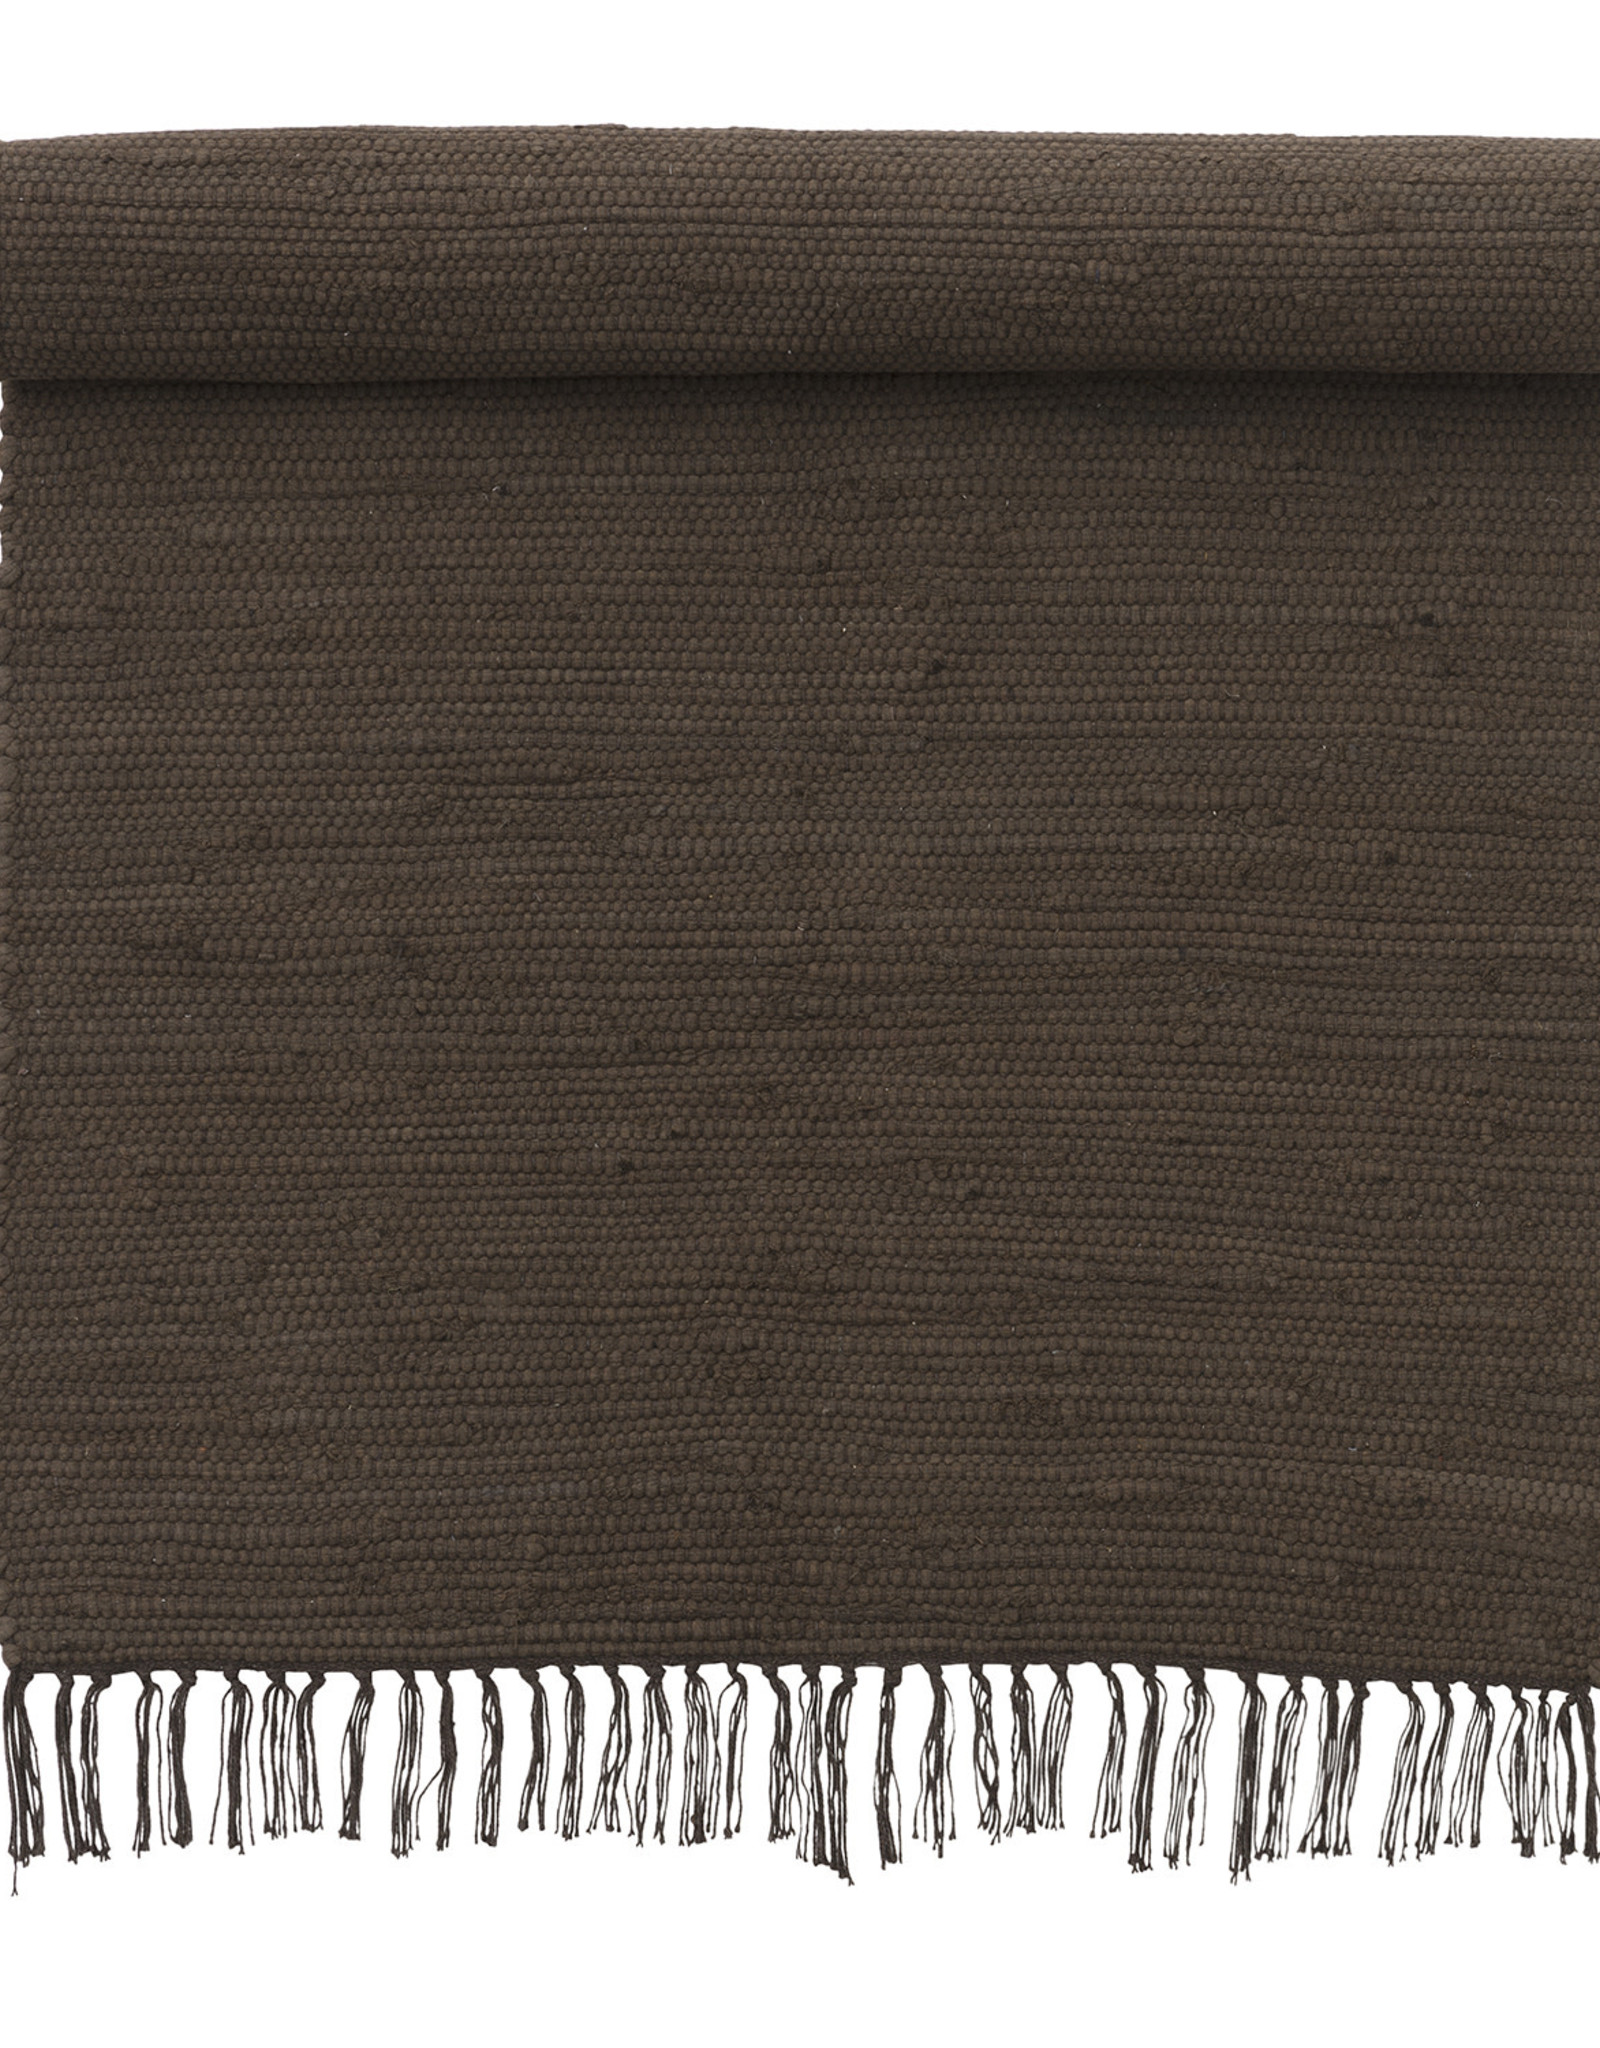 Bungalow Kleed  Chindi Mat Chocolate - 60 x 90 cm